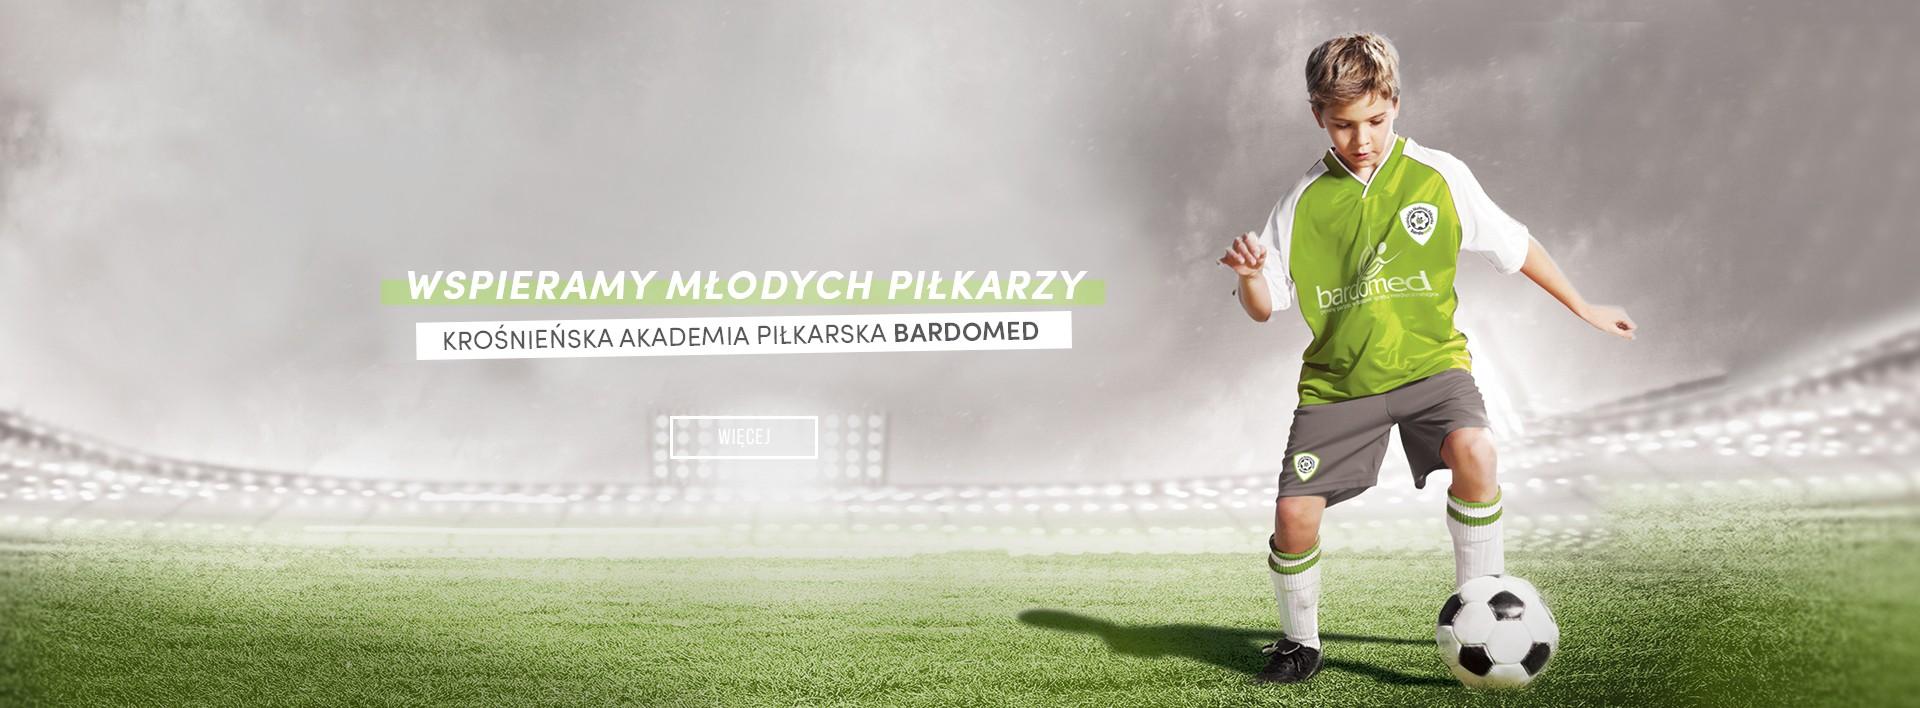 Krośnieńska Akademia Piłkarska BardoMed